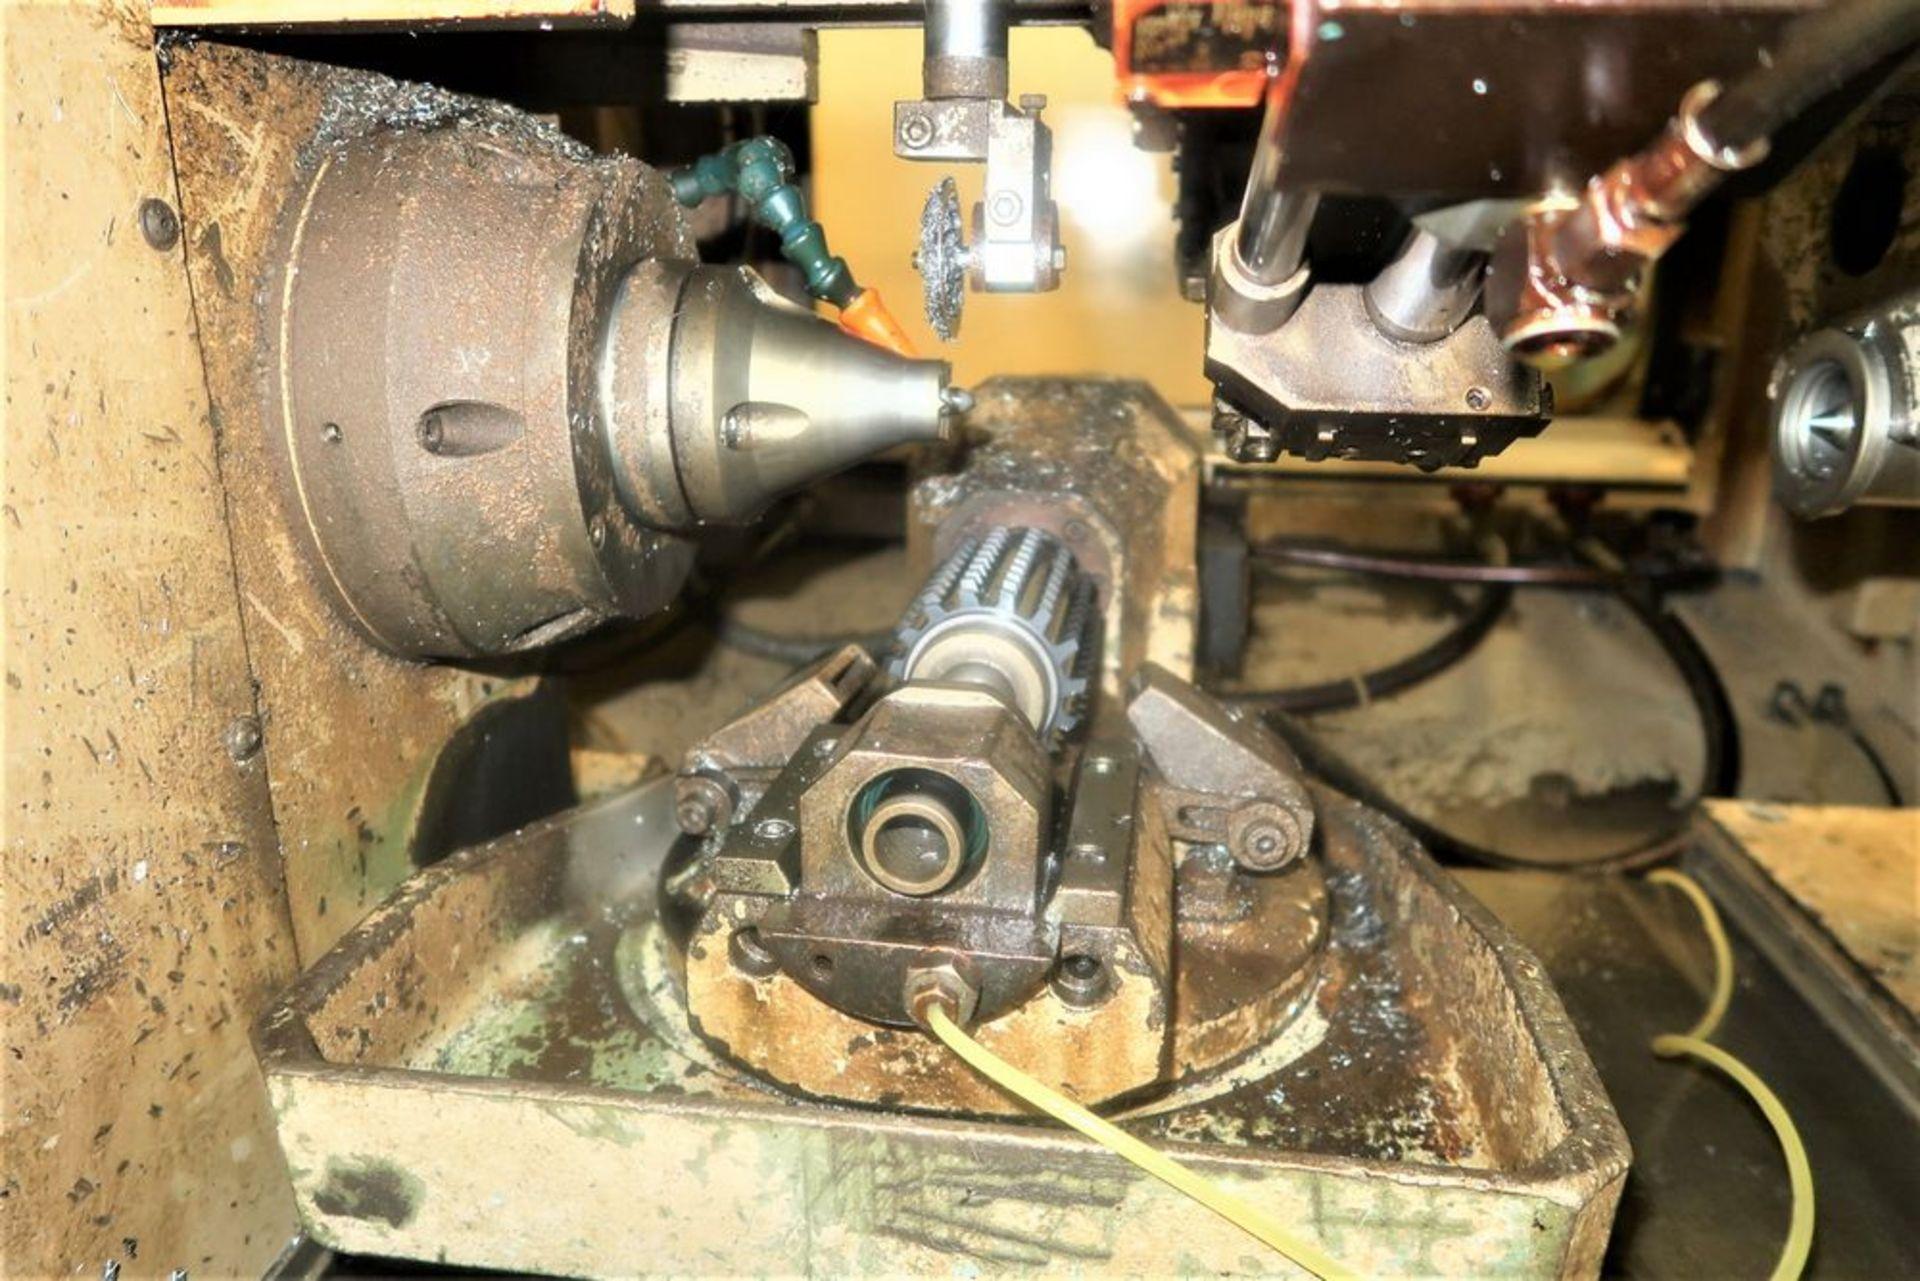 Koepfer 180 SPS/M Gear Hobber, S/N 180001 - Image 5 of 9